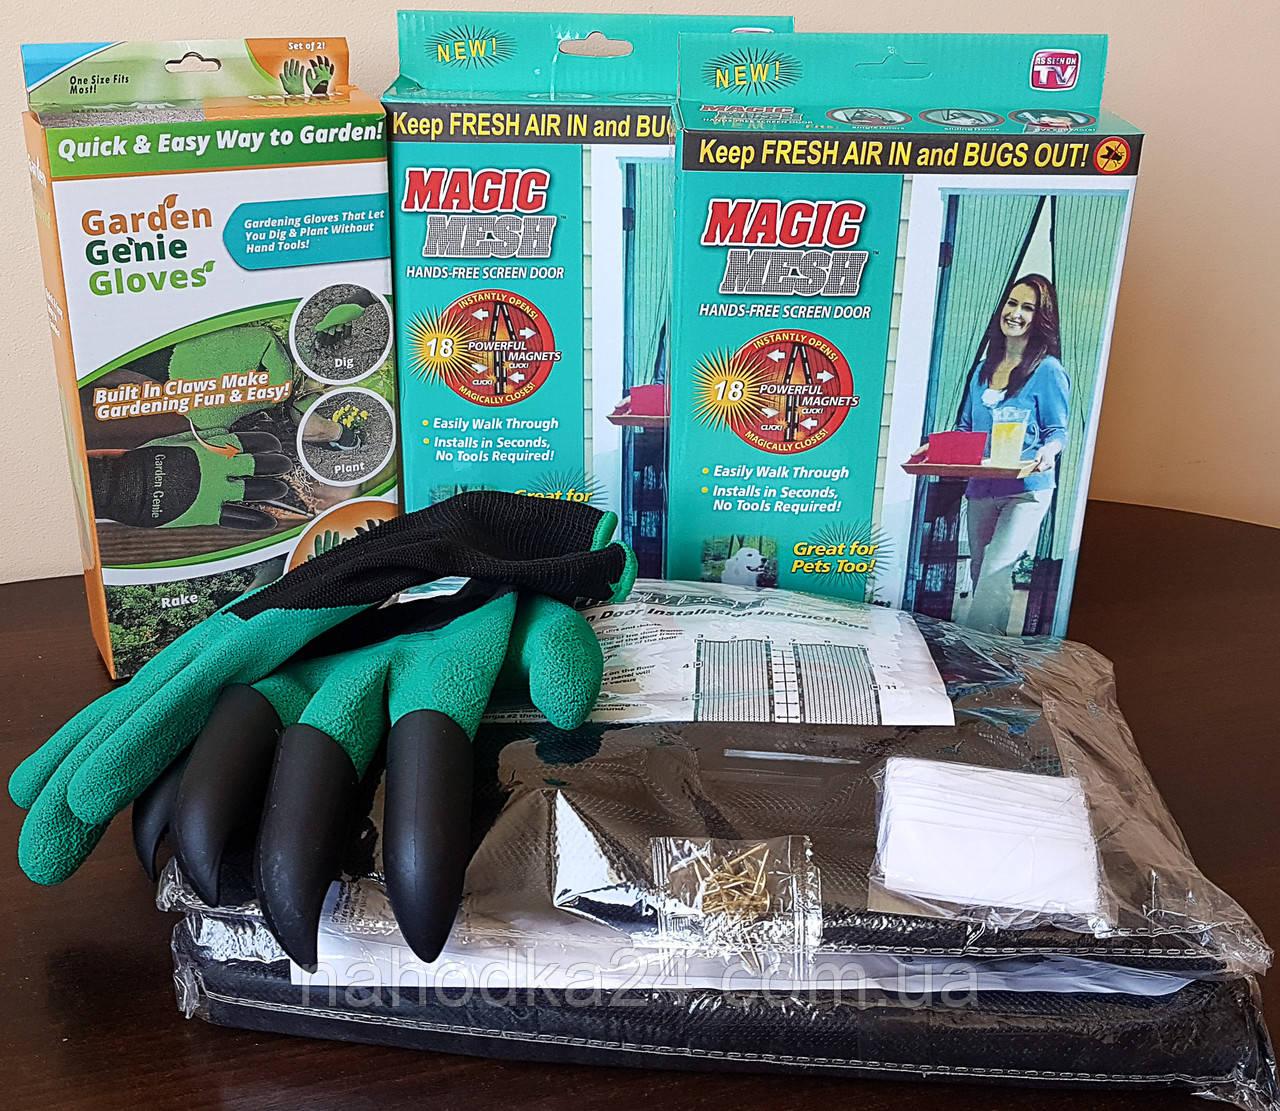 Москитные сетки Magic Mesh + Садовые перчатки Garden Genie Gloves в подарок!!